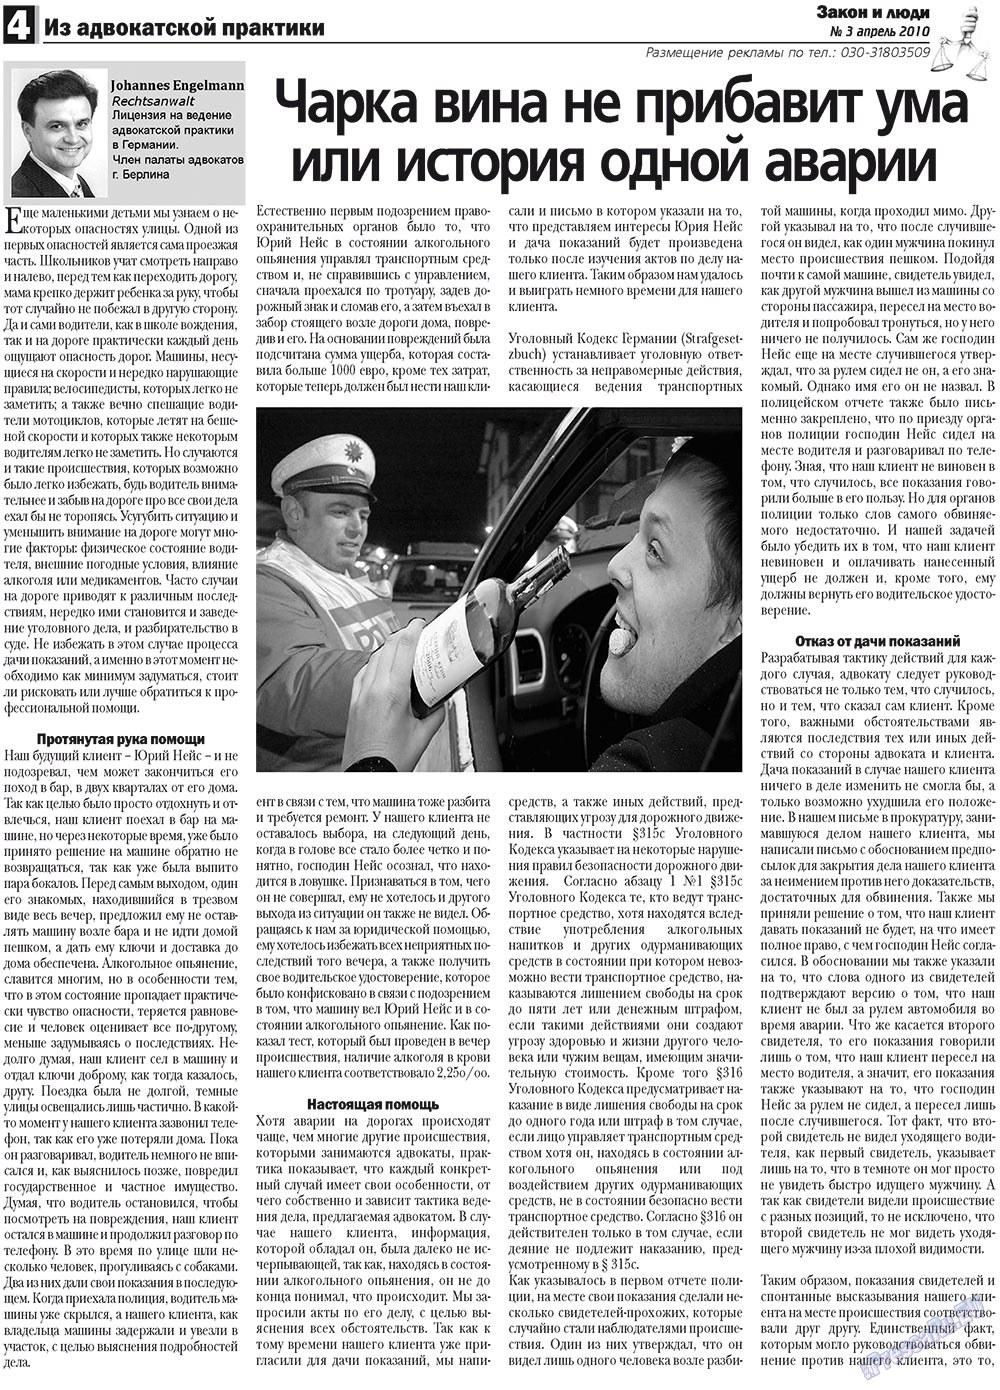 Закон и люди (газета). 2010 год, номер 3, стр. 4